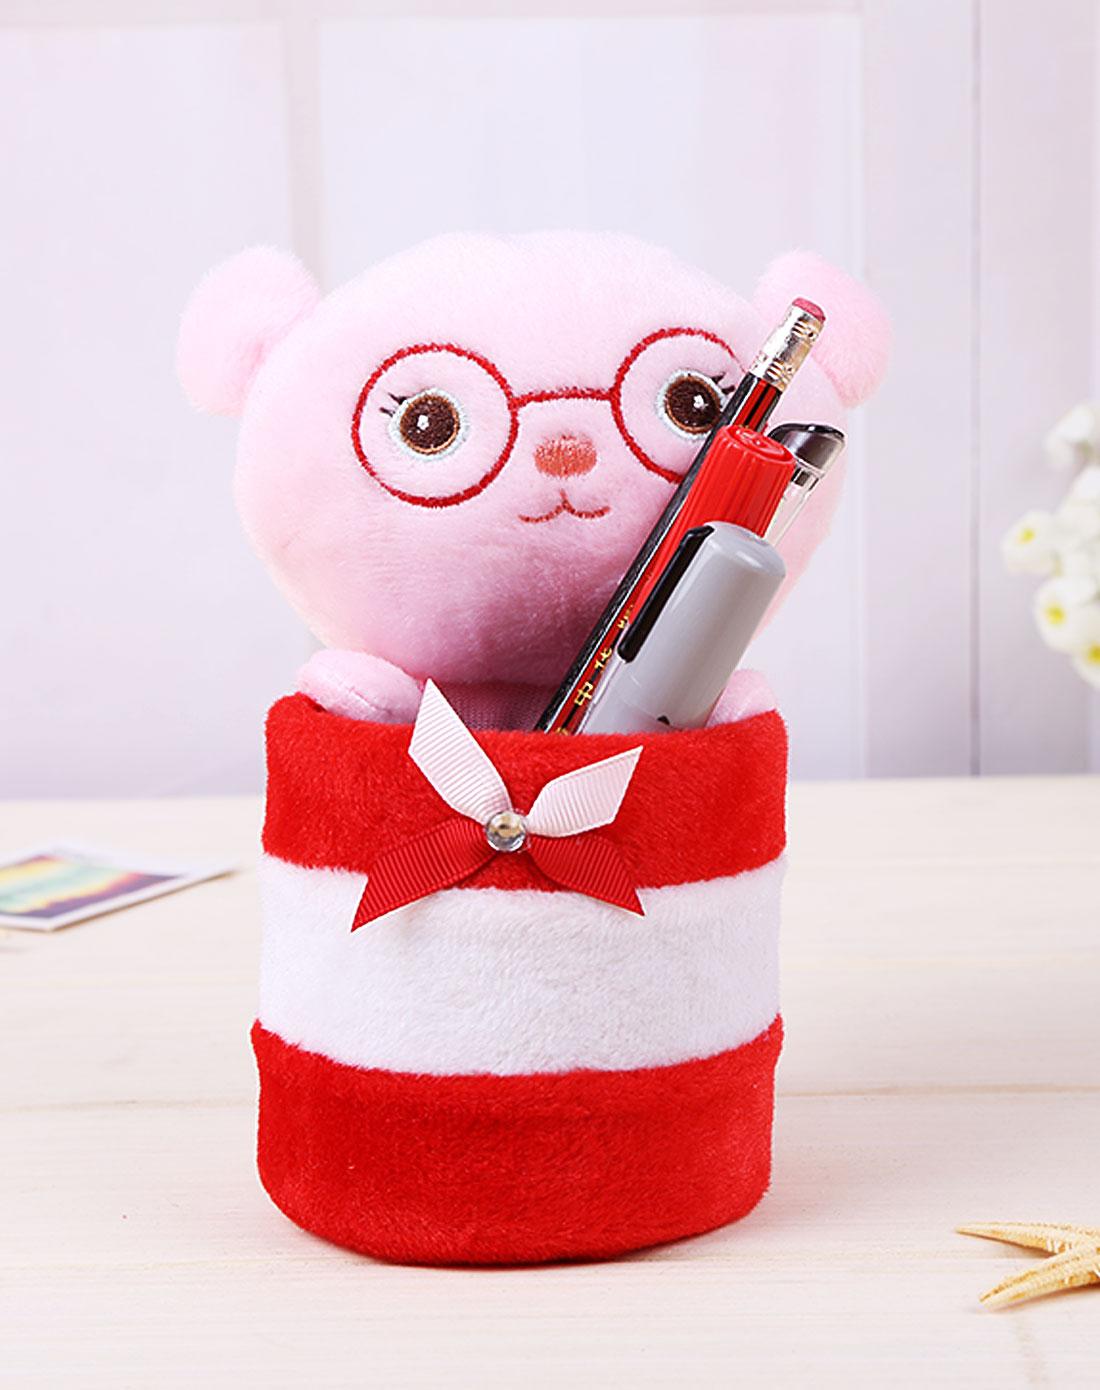 可爱卡通宝贝笔筒(粉脸眼镜熊)